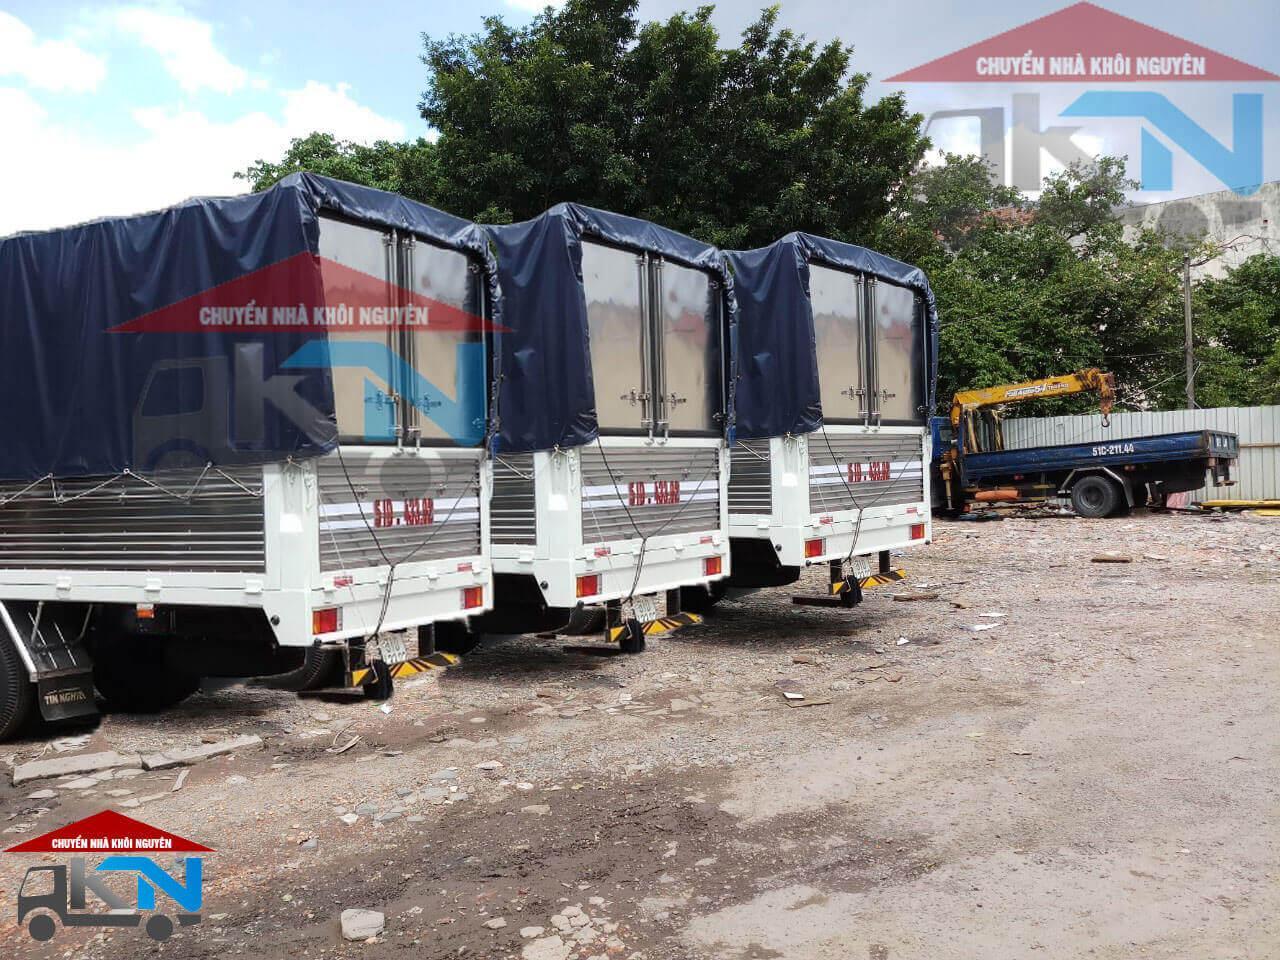 CHUYỂN NHÀ KHÔI NGUYÊN - Dịch vụ chuyển nhà trọn gói hàng đầu tại Hồ Chí Minh